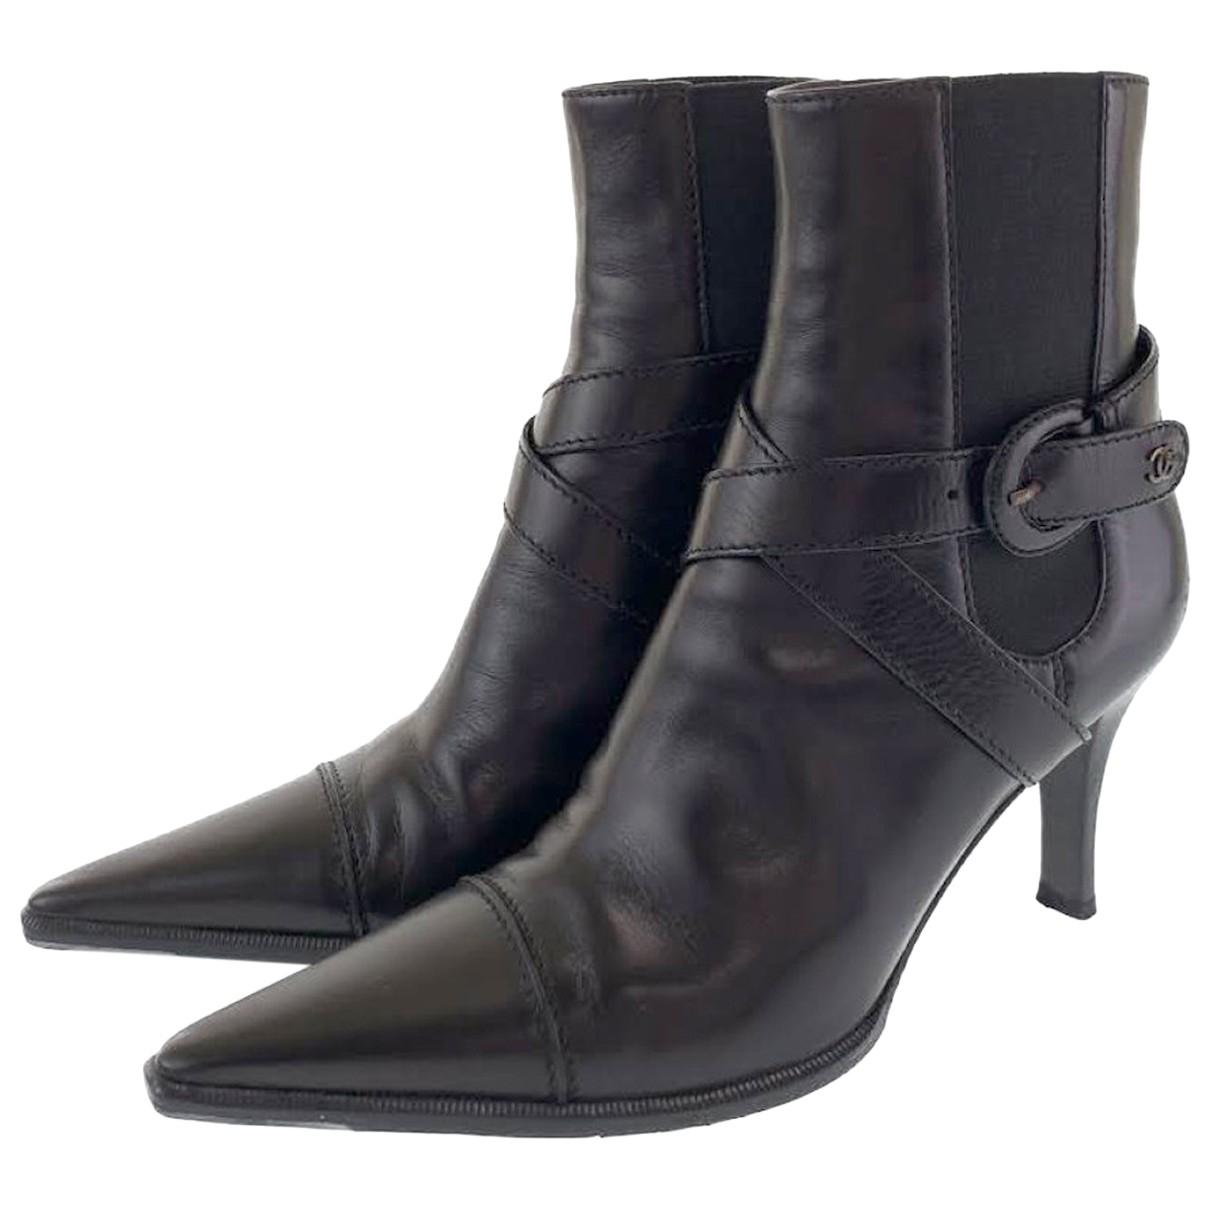 Chanel - Bottes   pour femme en cuir